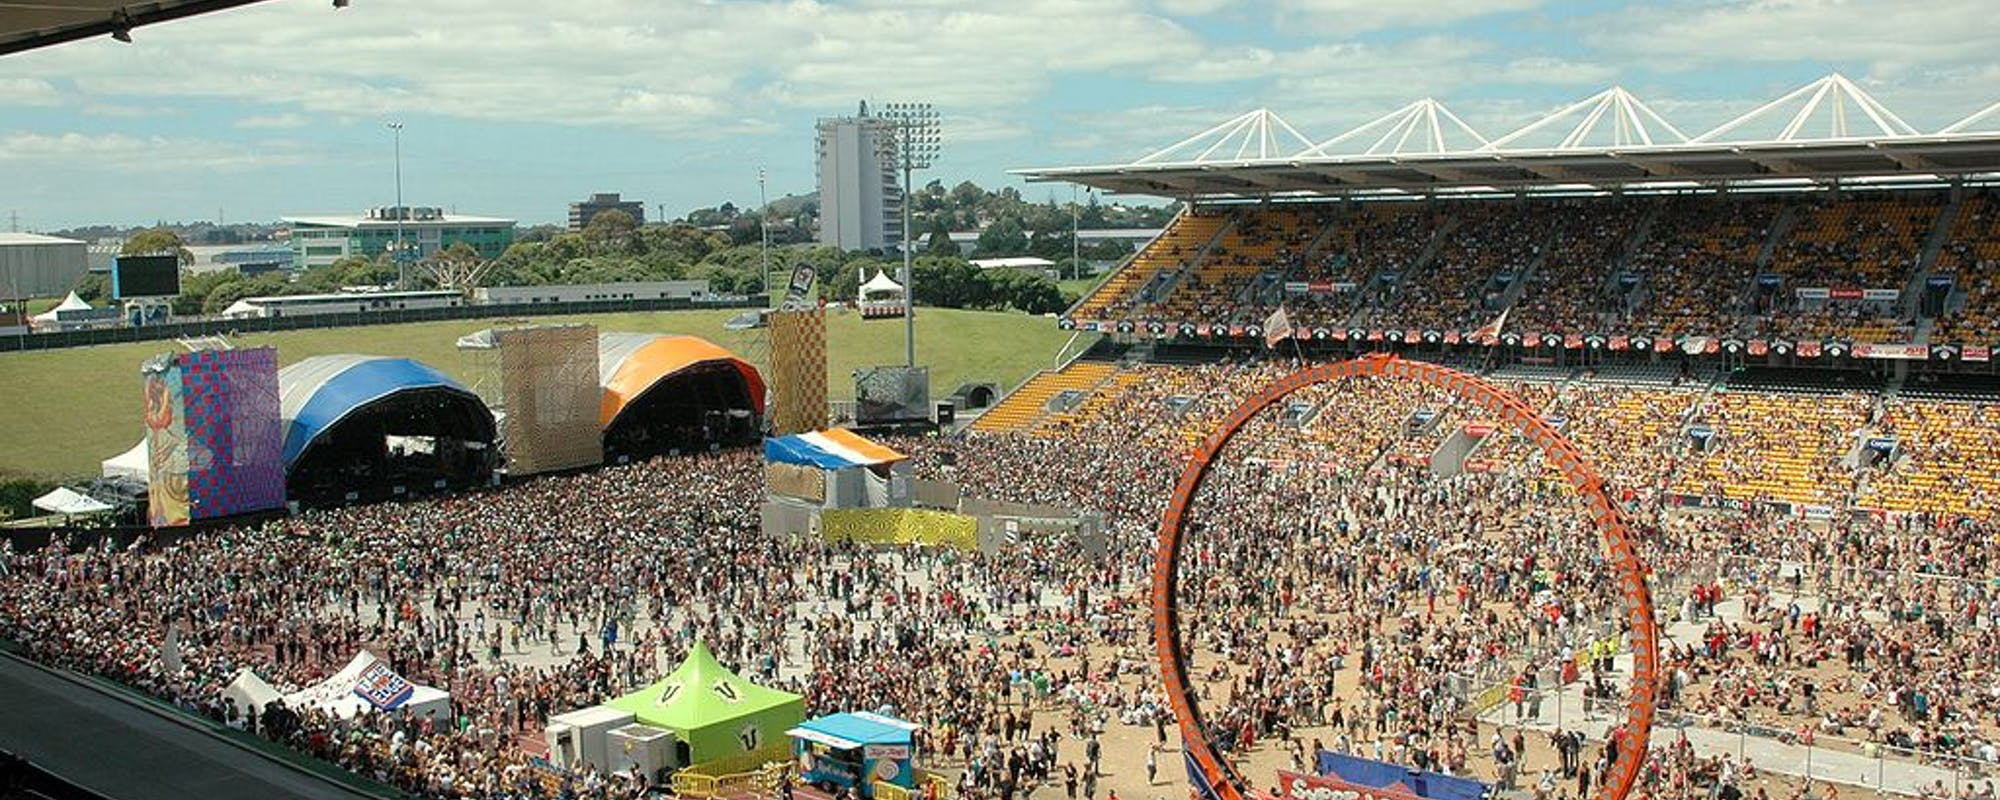 nz music festivals